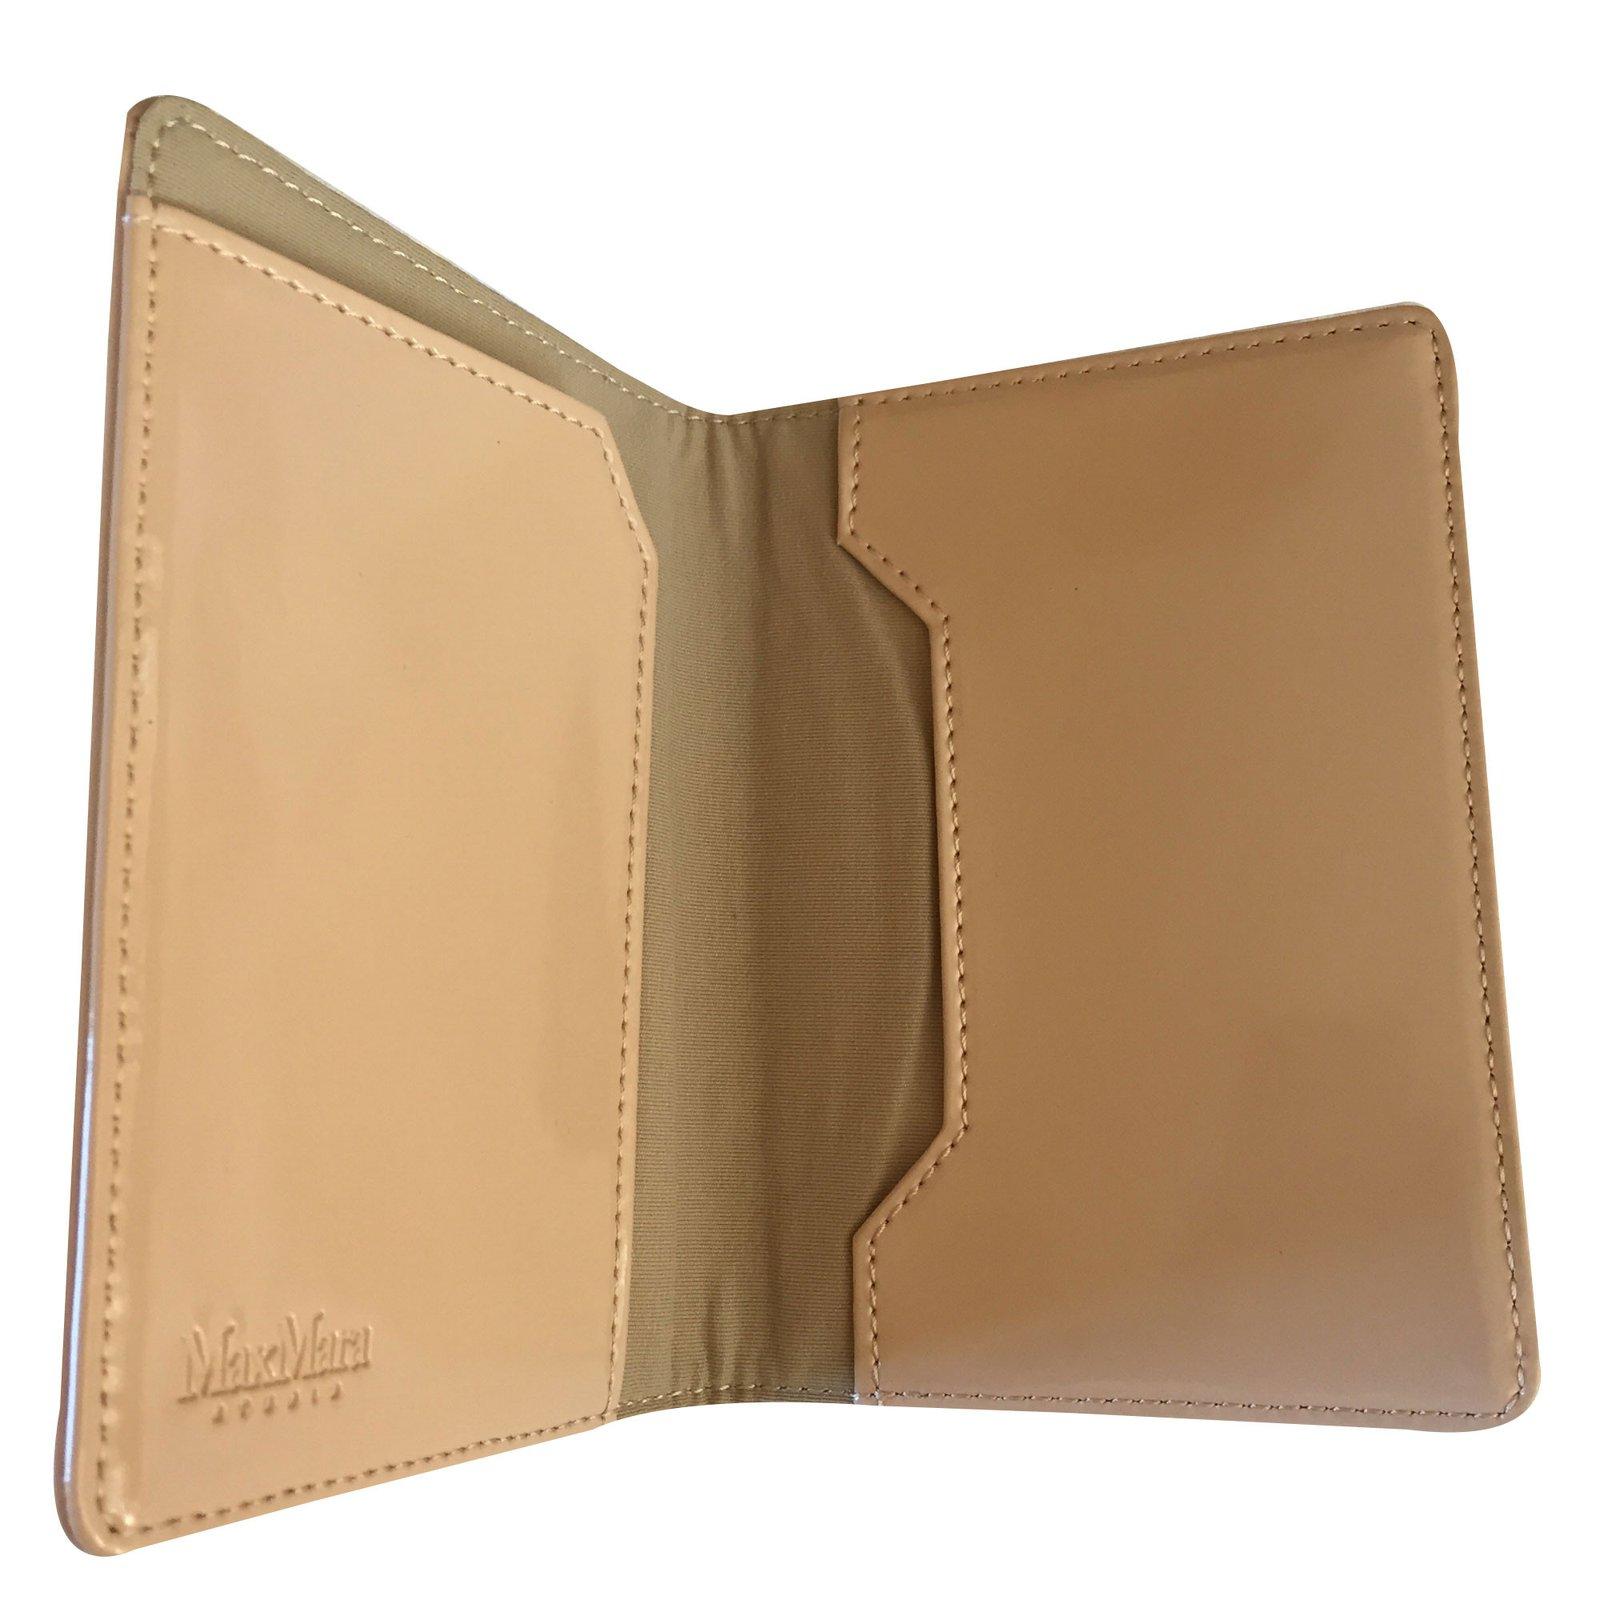 Petite Maroquinerie Max Mara Porte Passeport Cuir Vernis Beige Ref - Porte passeport cuir